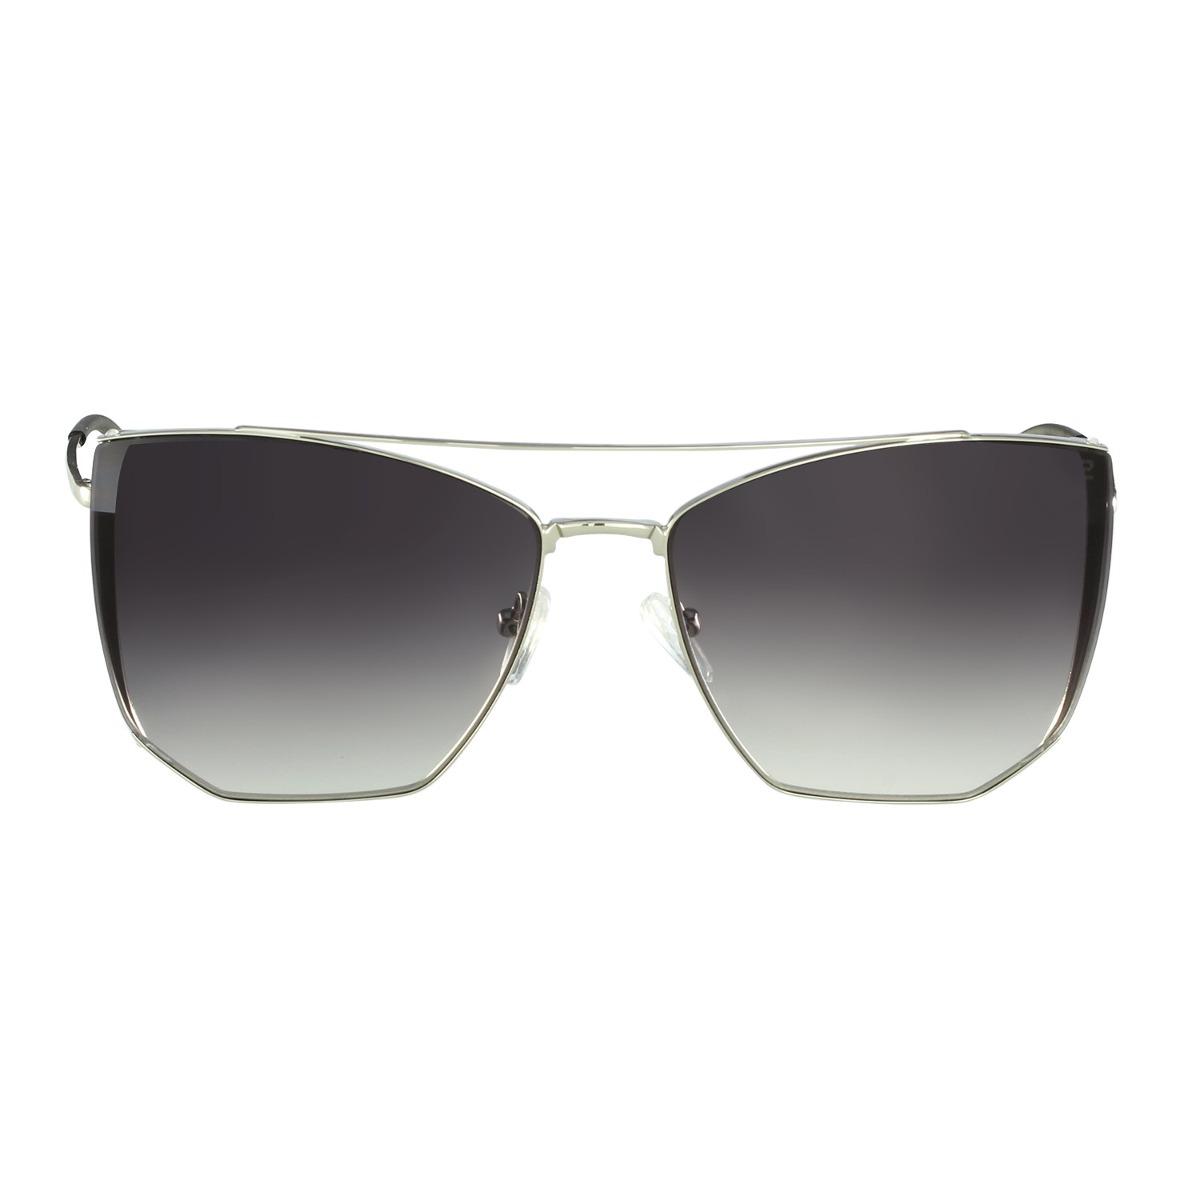 Óculos De Sol Sabrina Sato Casual Prata - R  350,00 em Mercado Livre 2fb68d8f5d